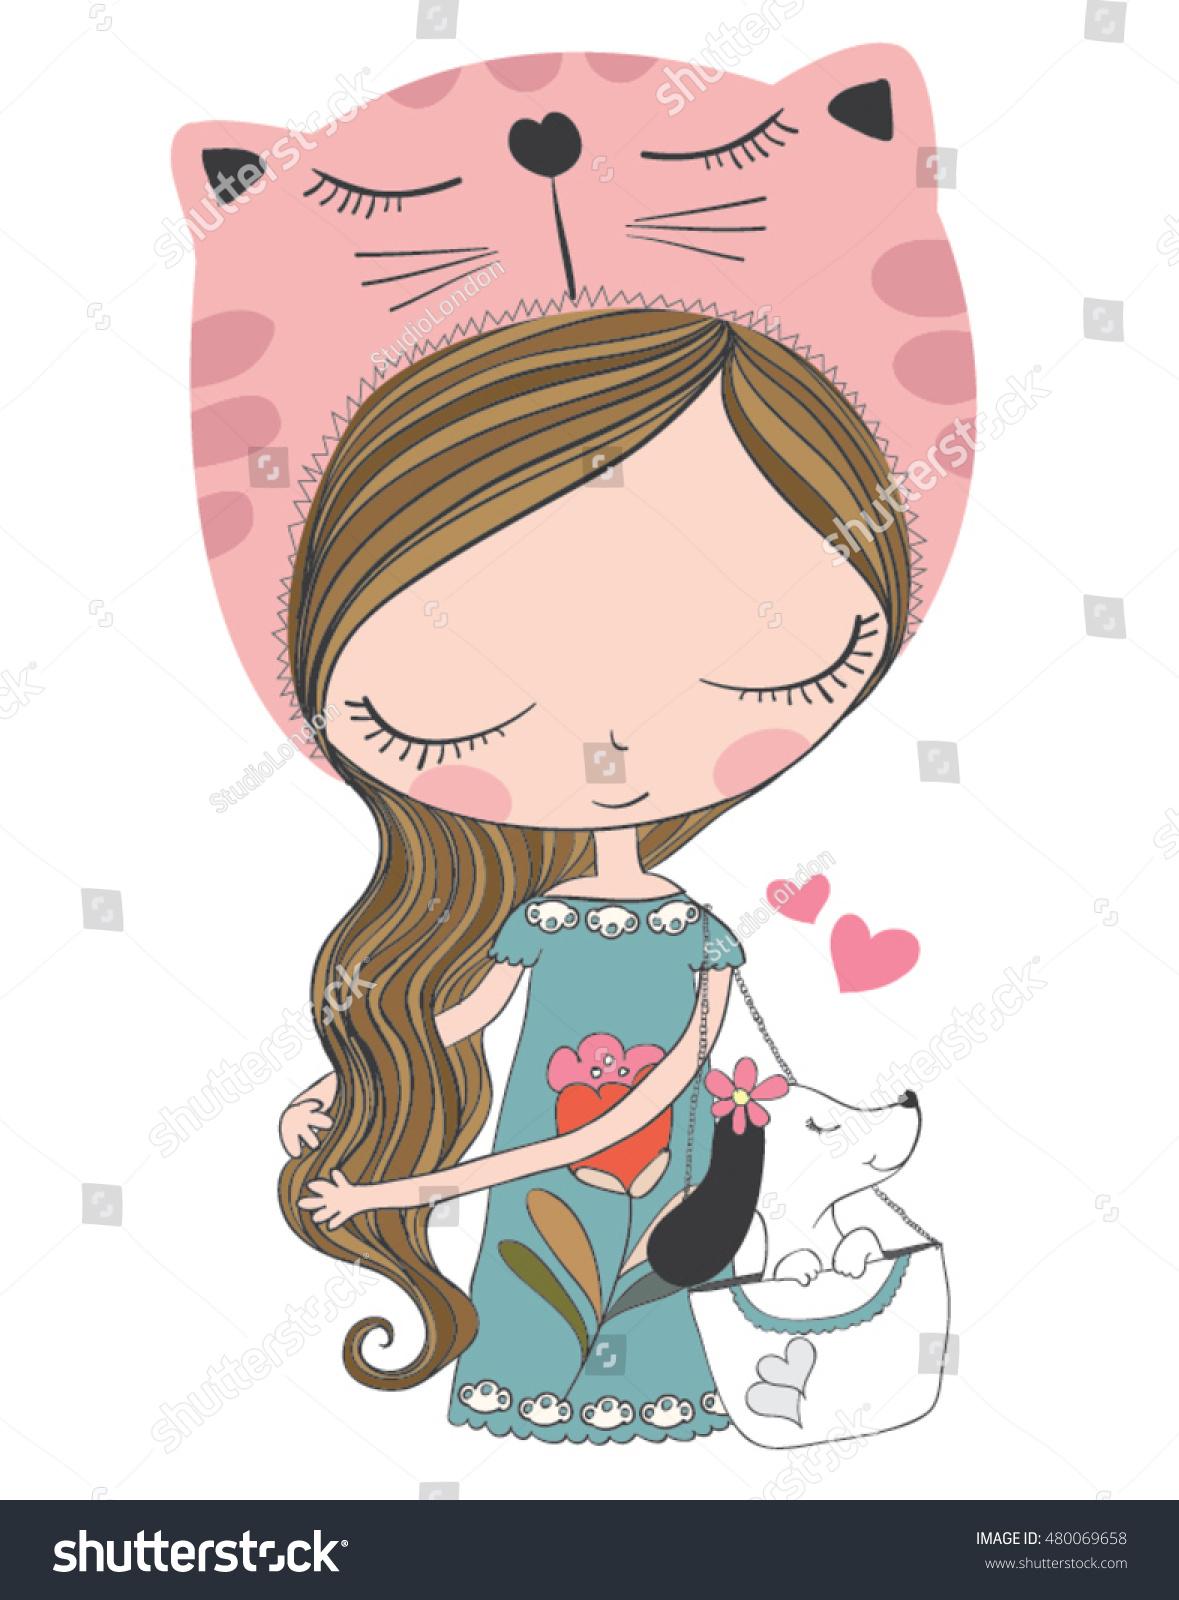 Shirt design book - Cute Girl Vector T Shirt Print Design Book Illustrations For Children Cartoon